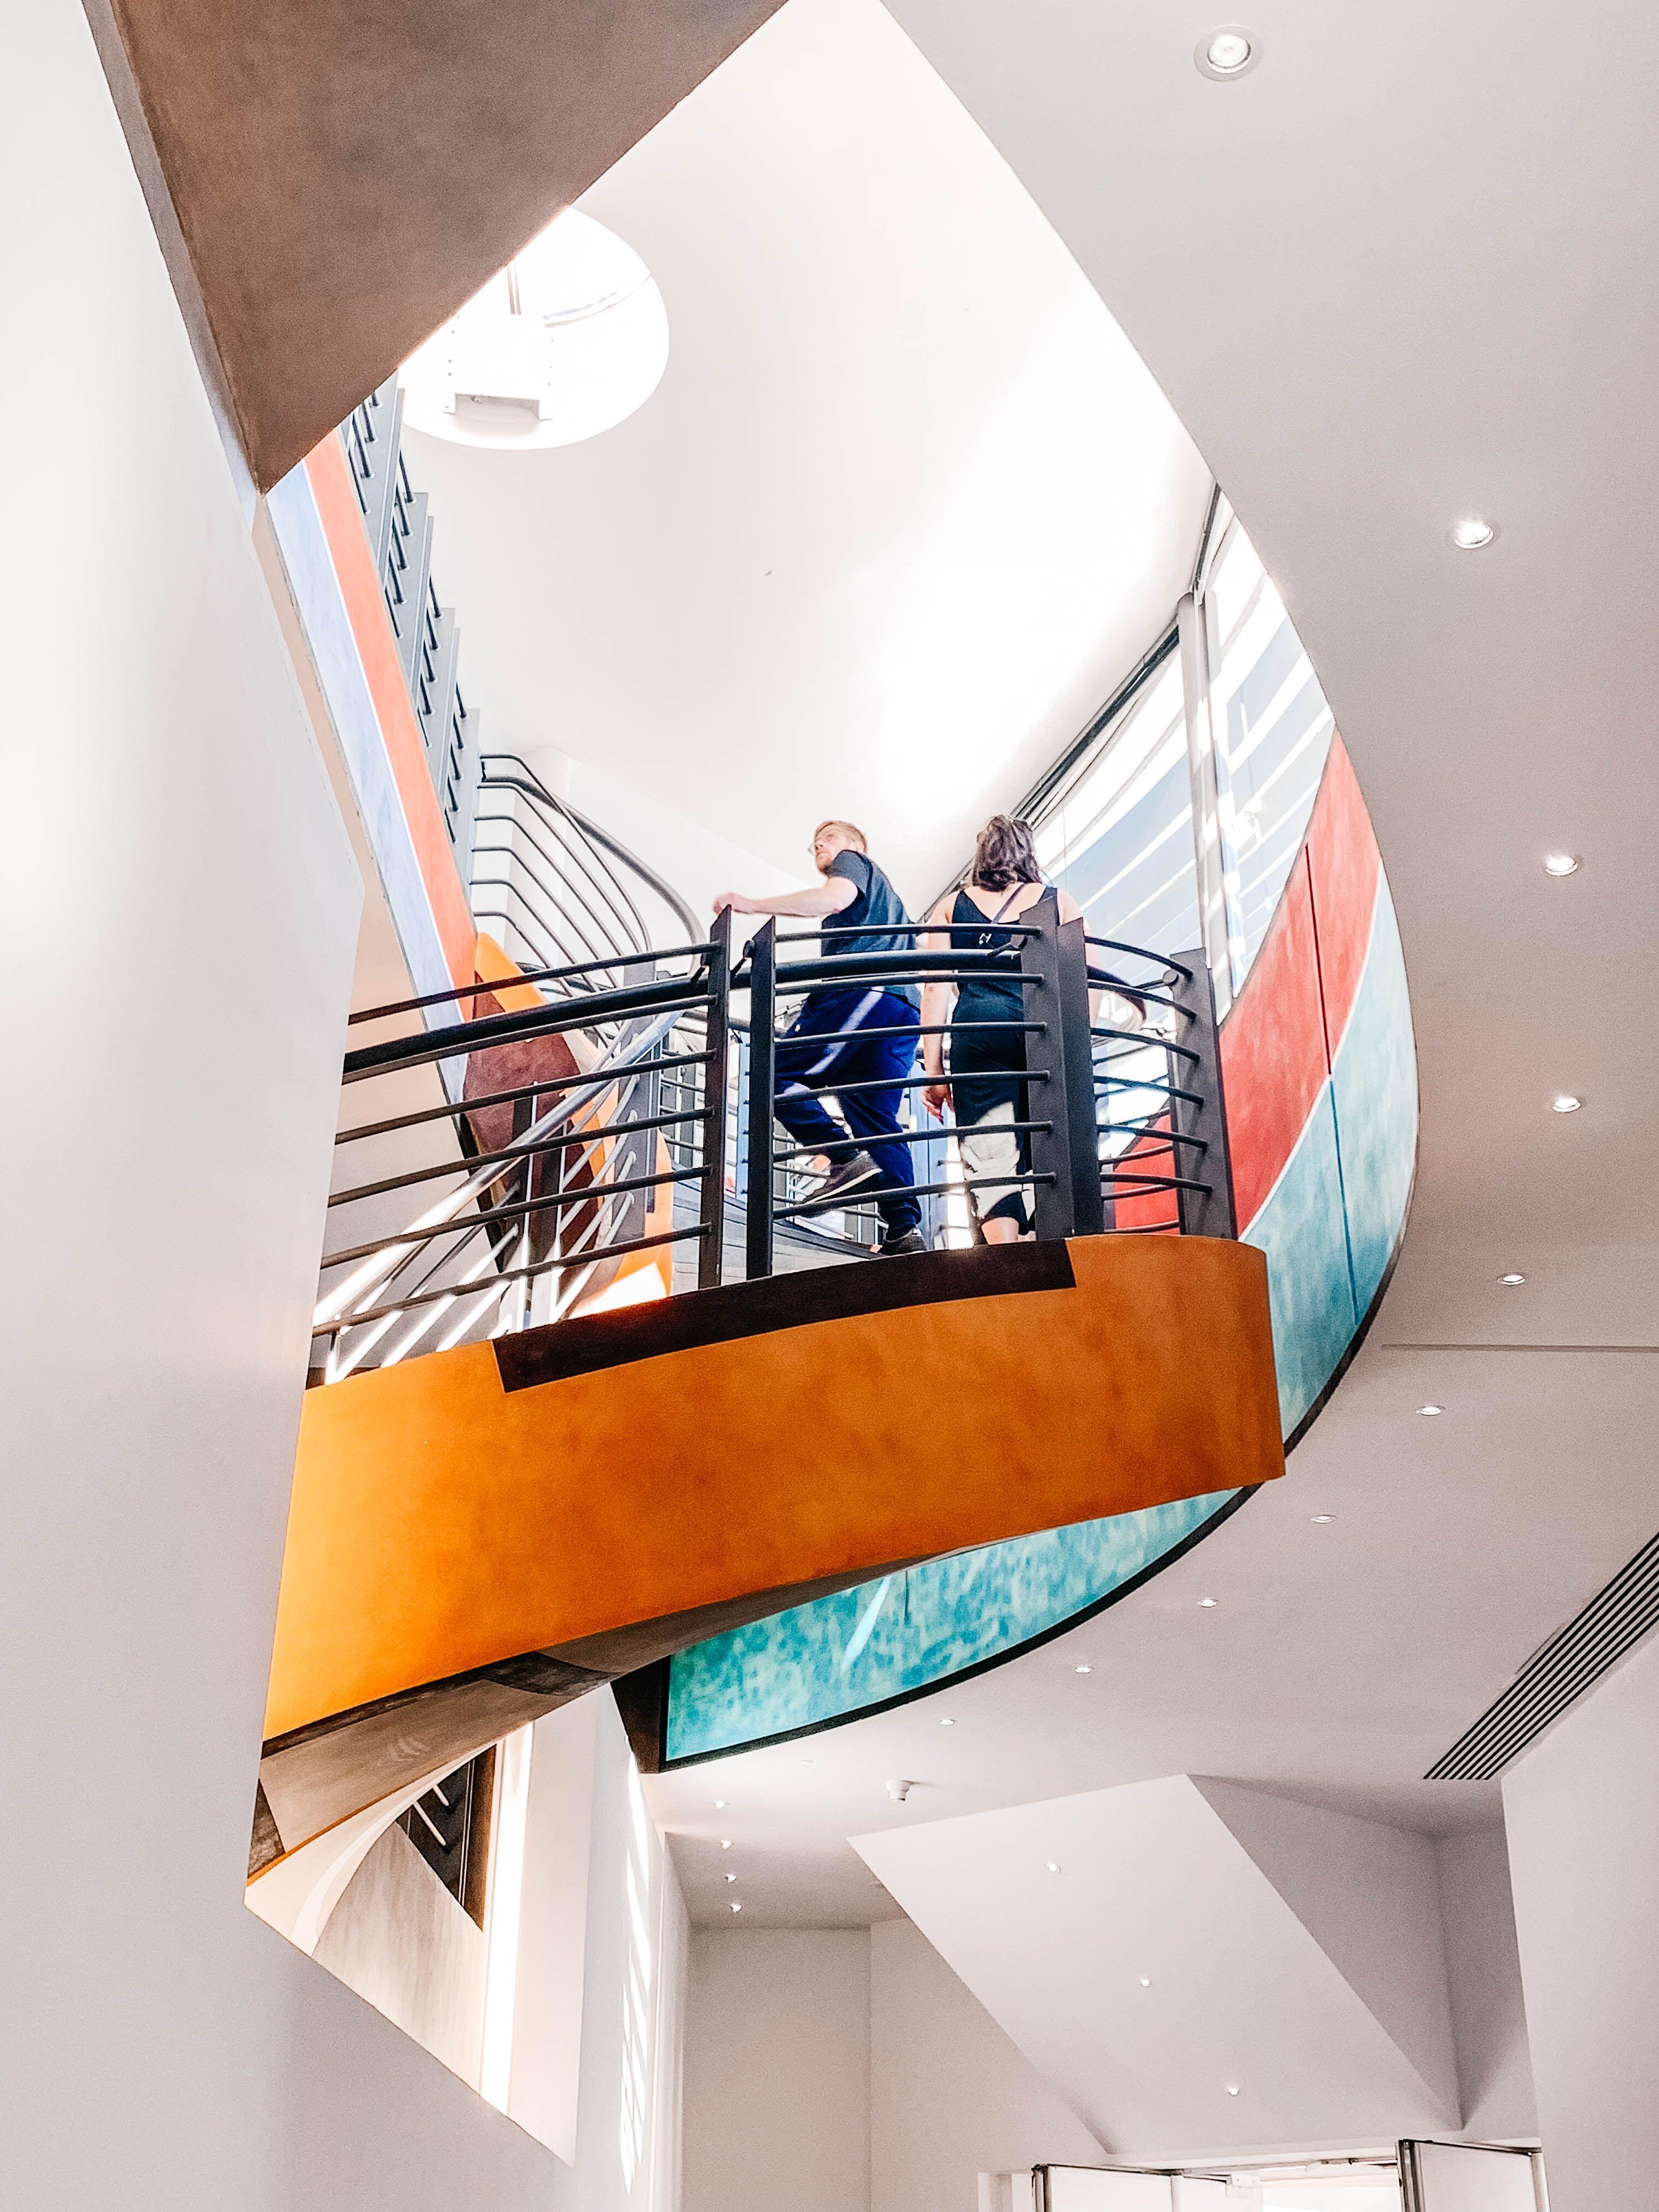 Musée D'art Moderne Et D'art Contemporain De Nice : musée, d'art, moderne, contemporain, MAMAC, Musée, D'art, Moderne, Contemporain, Virtual, Fixed, Thrill, Contemporary, Stairway, Pictures,, Museum